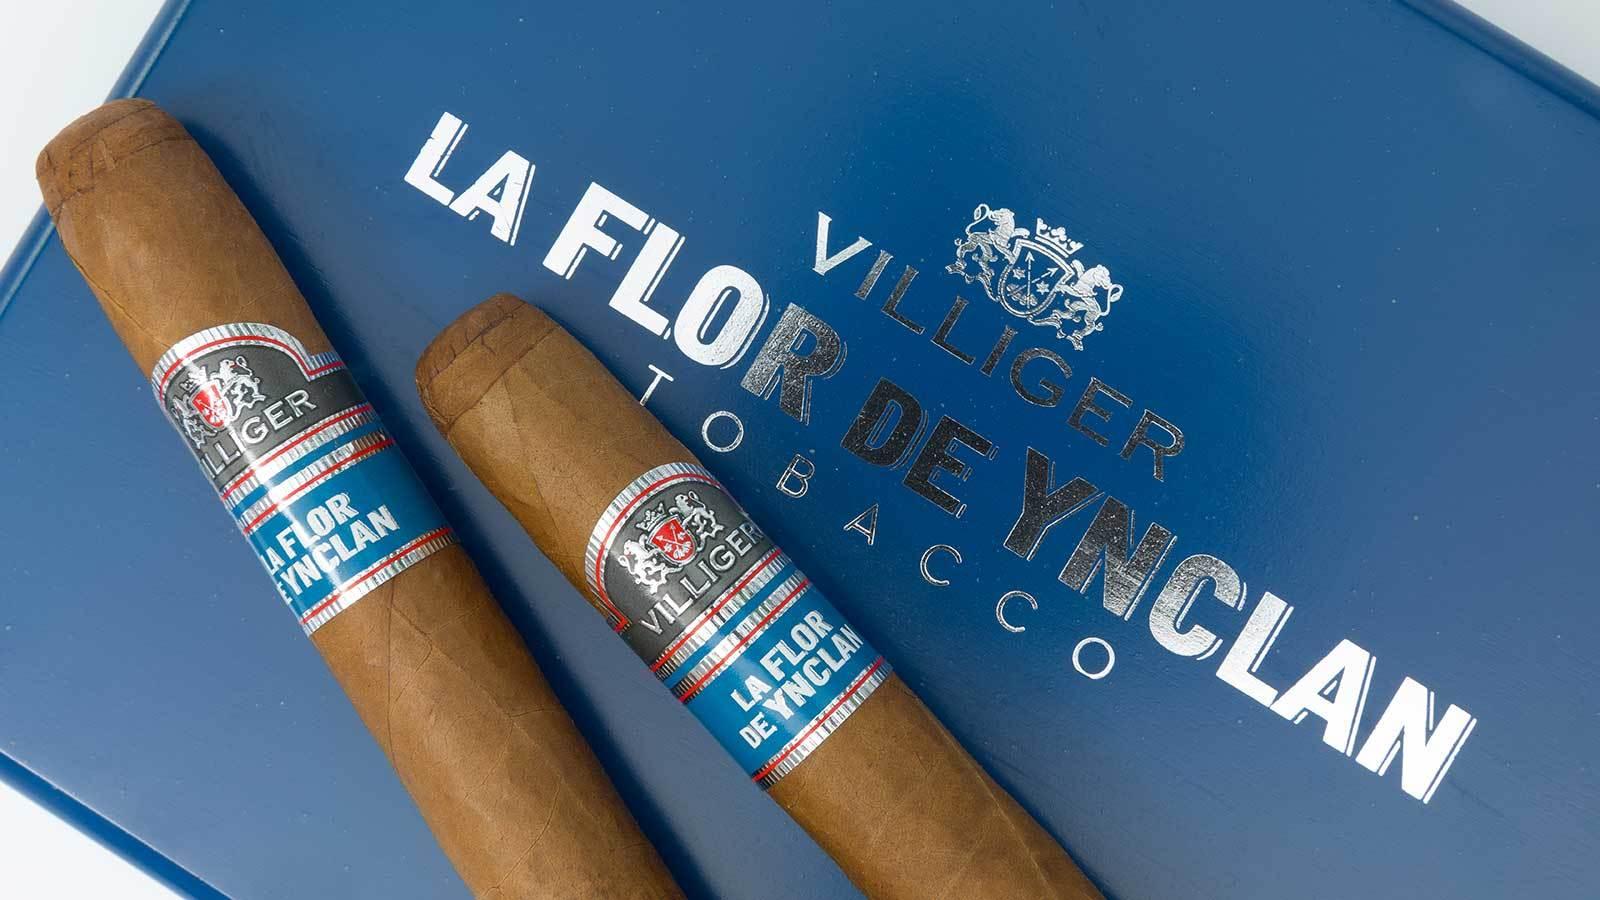 Villiger Cigar Adds Toro Size to La Flor de Ynclan